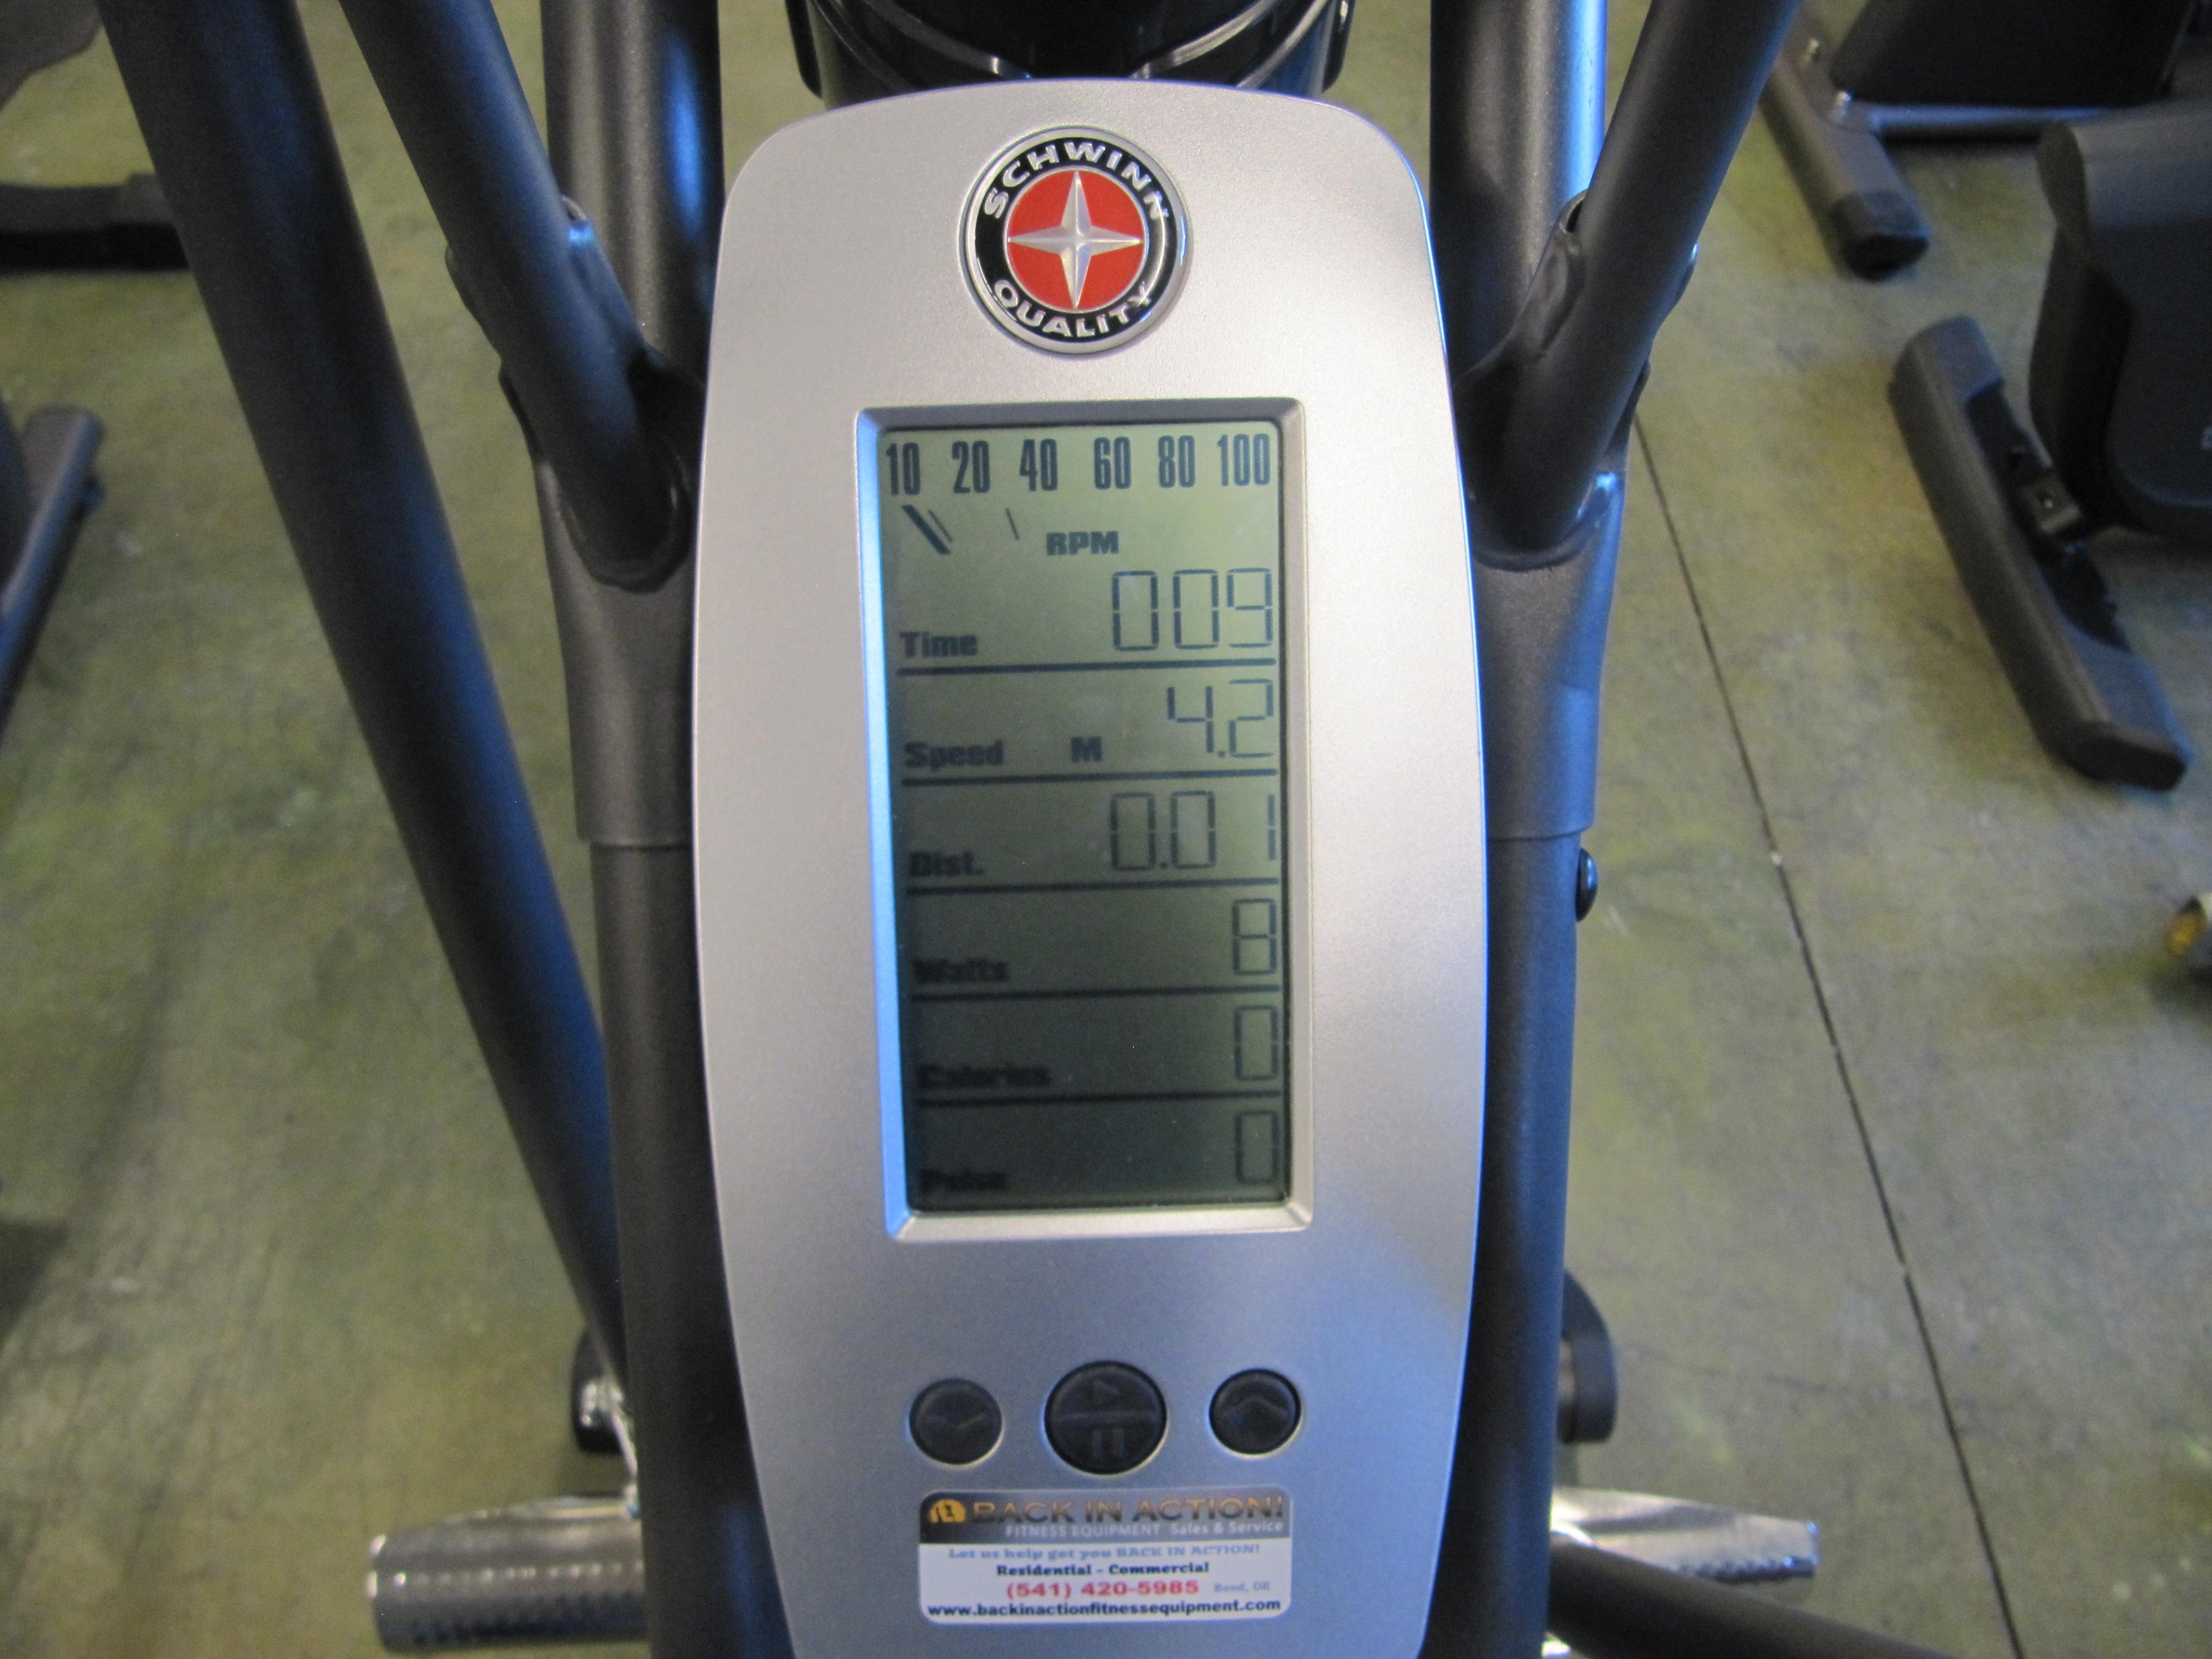 Schwinn airdyne ad6 reading rackhwinn fitness airdyne ad6 schwinn airdyne ad6 bike fandeluxe Images